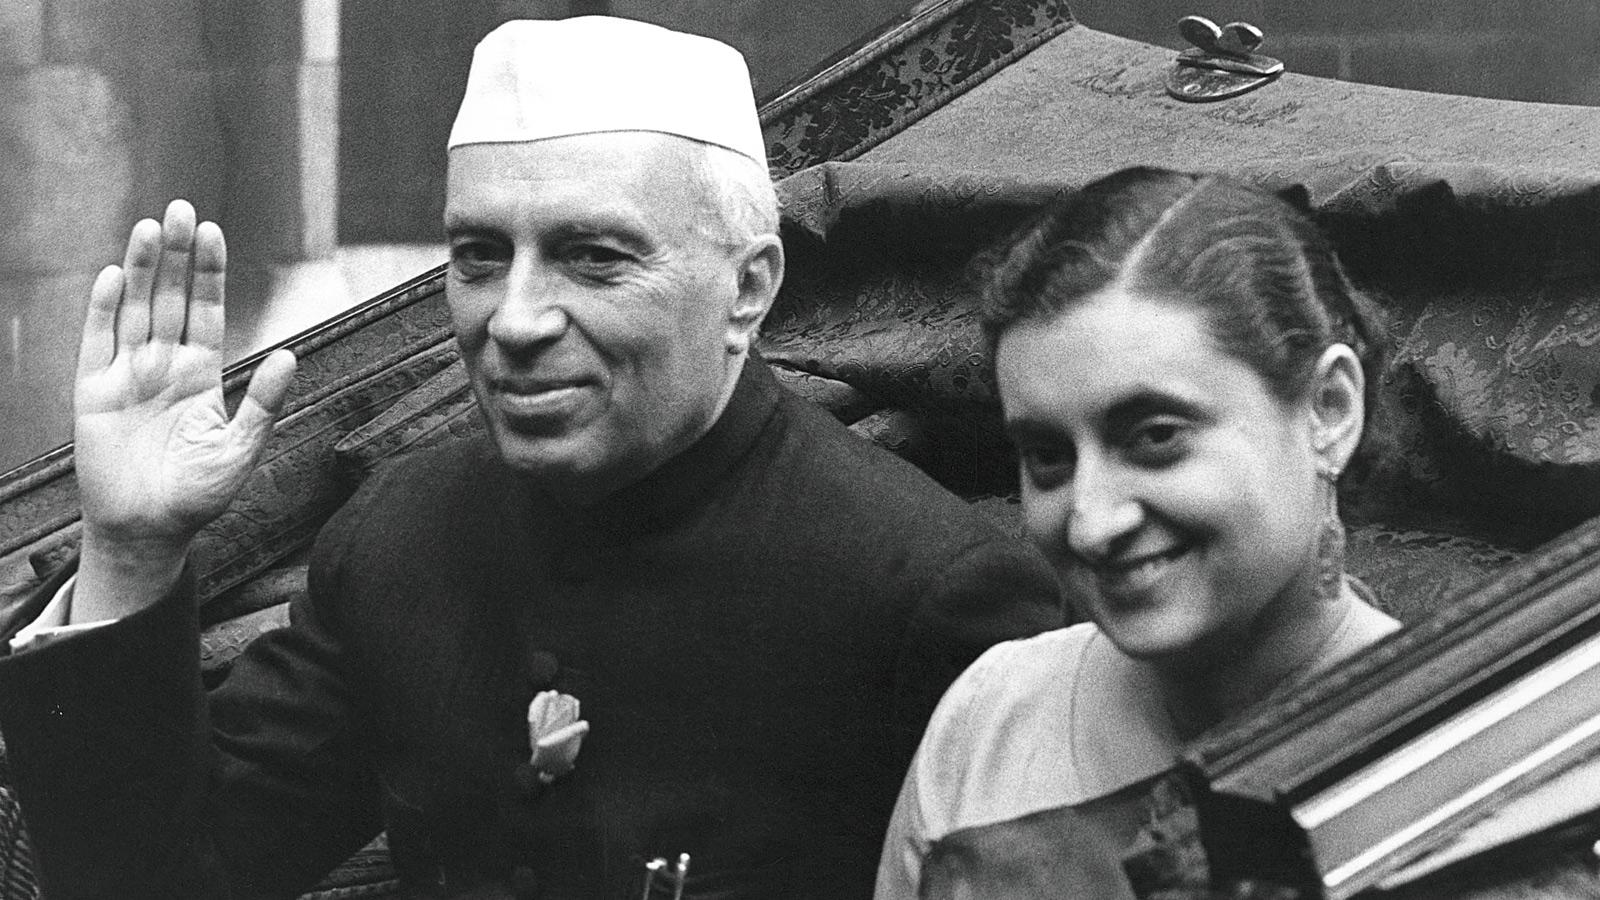 नेहरू इंदिरा और कश्मीर के लिए चित्र परिणाम